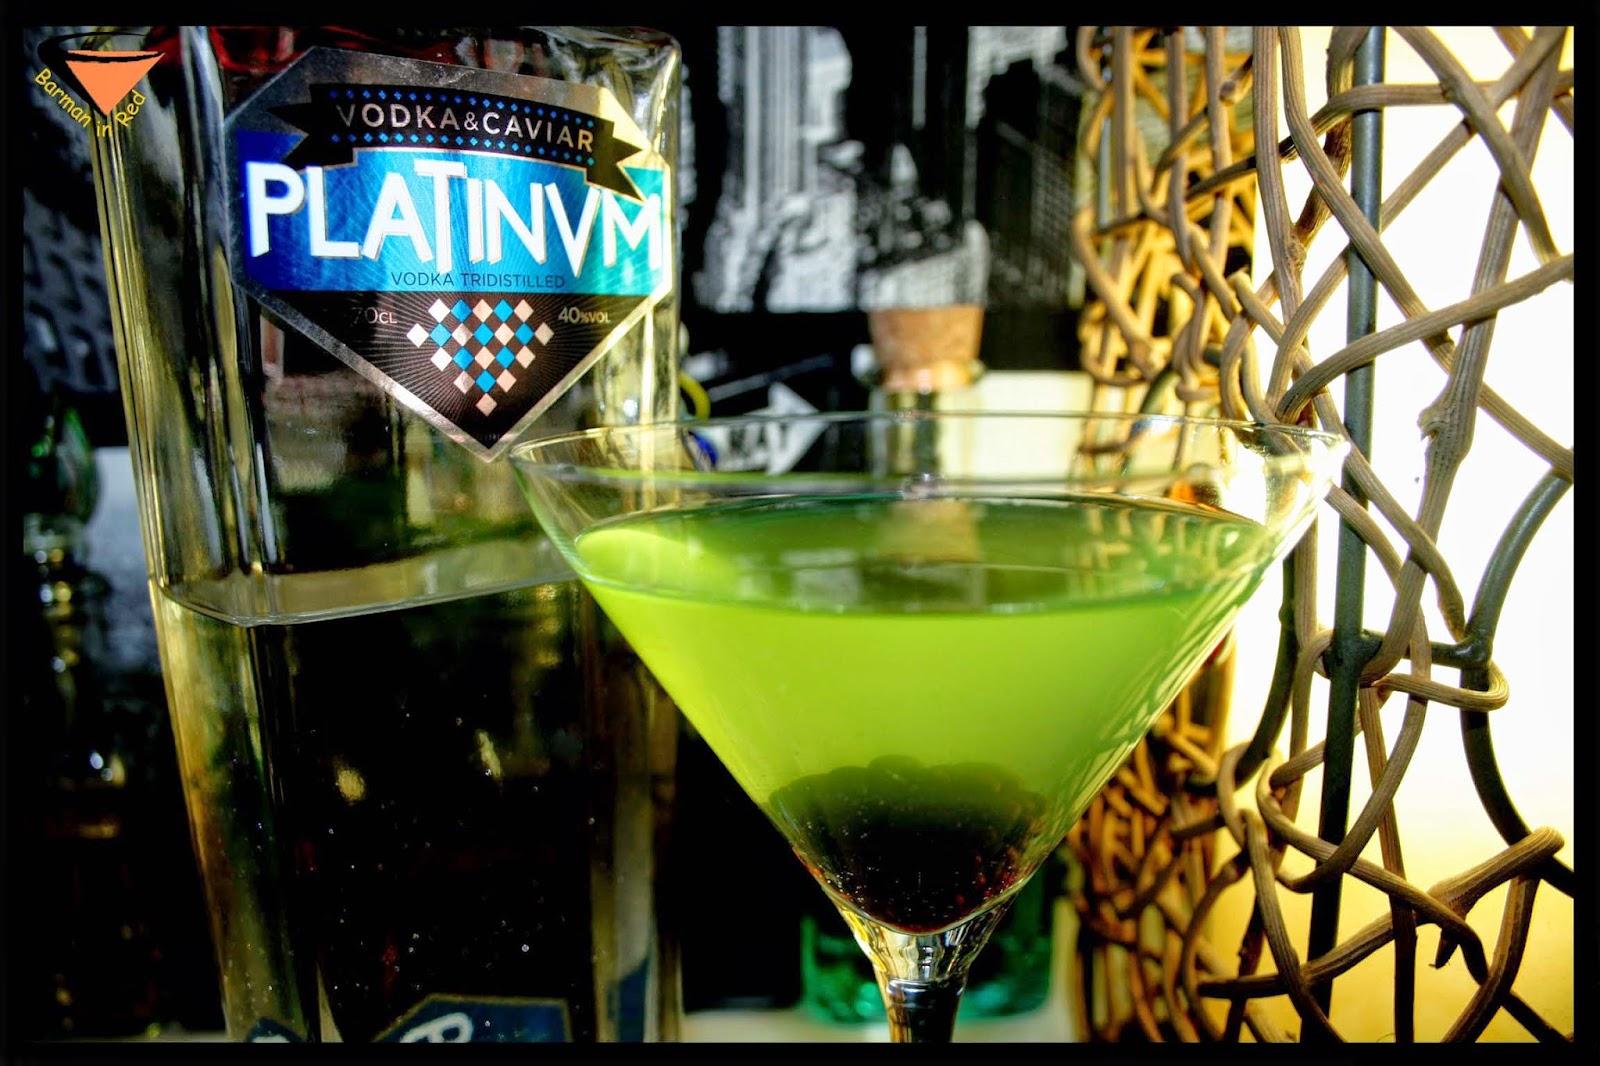 Platinum Vodka Caviar